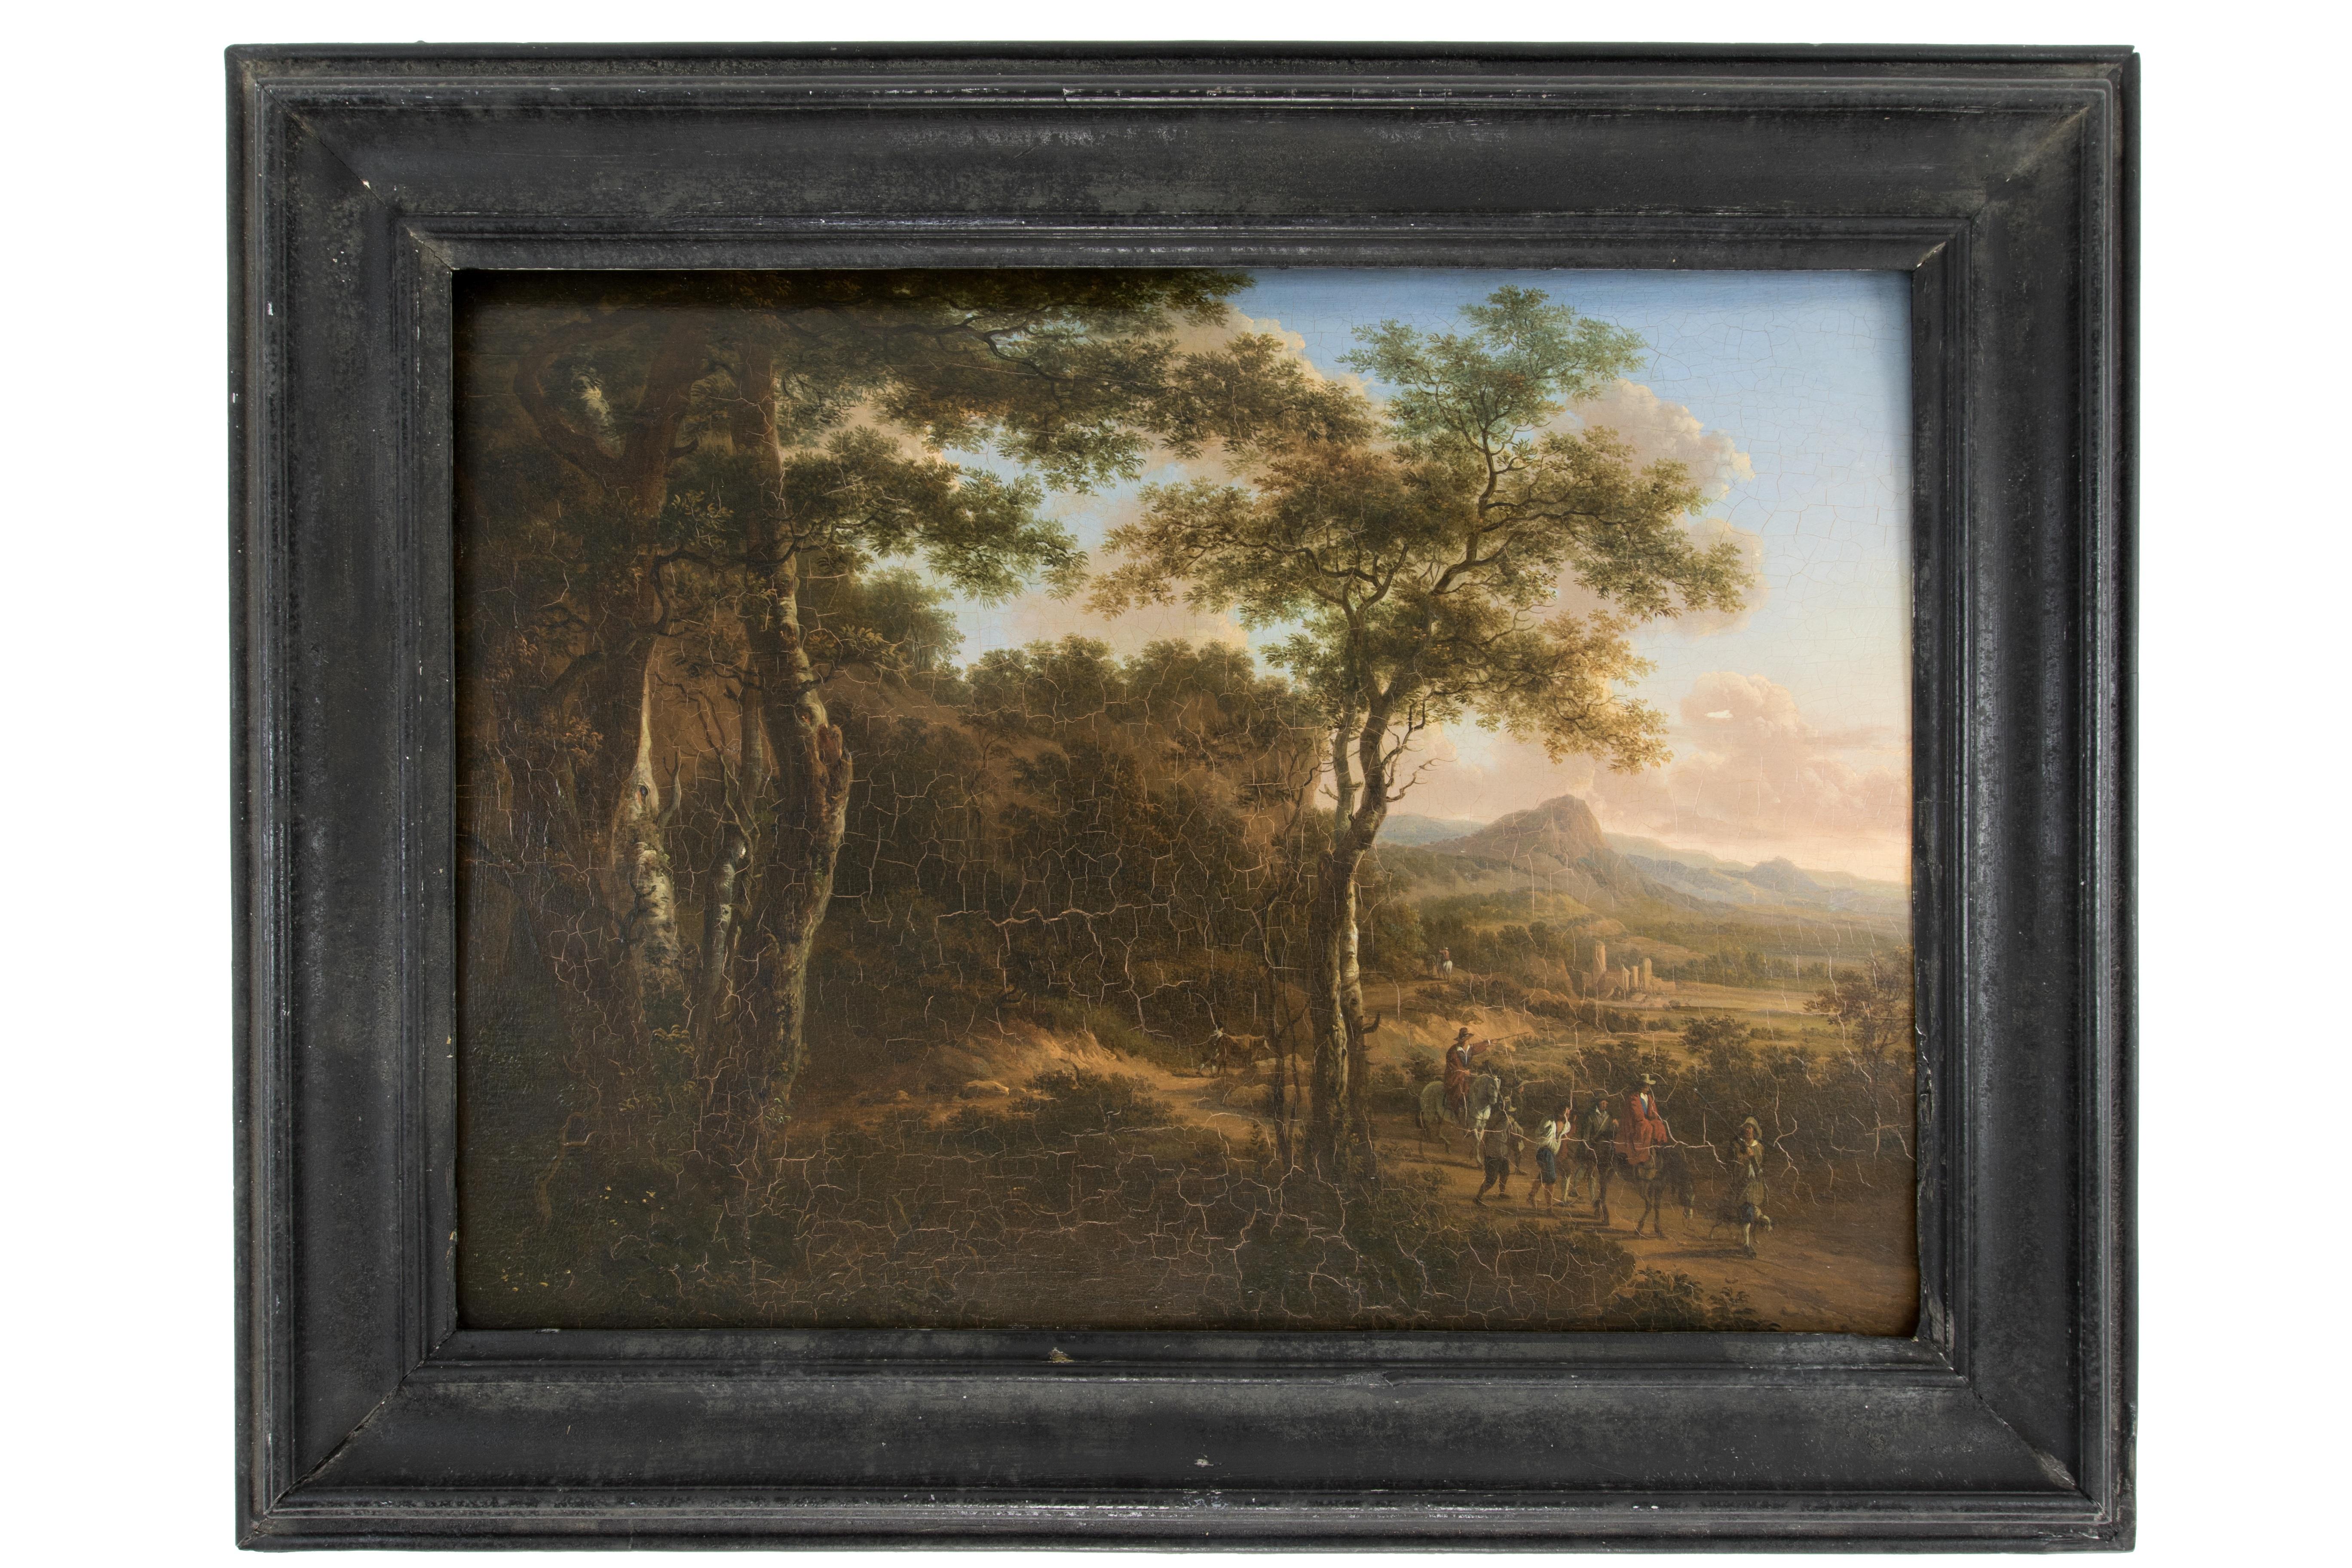 Fotos gratis : marco, pintura al óleo, arte Moderno, Cabina de enero ...